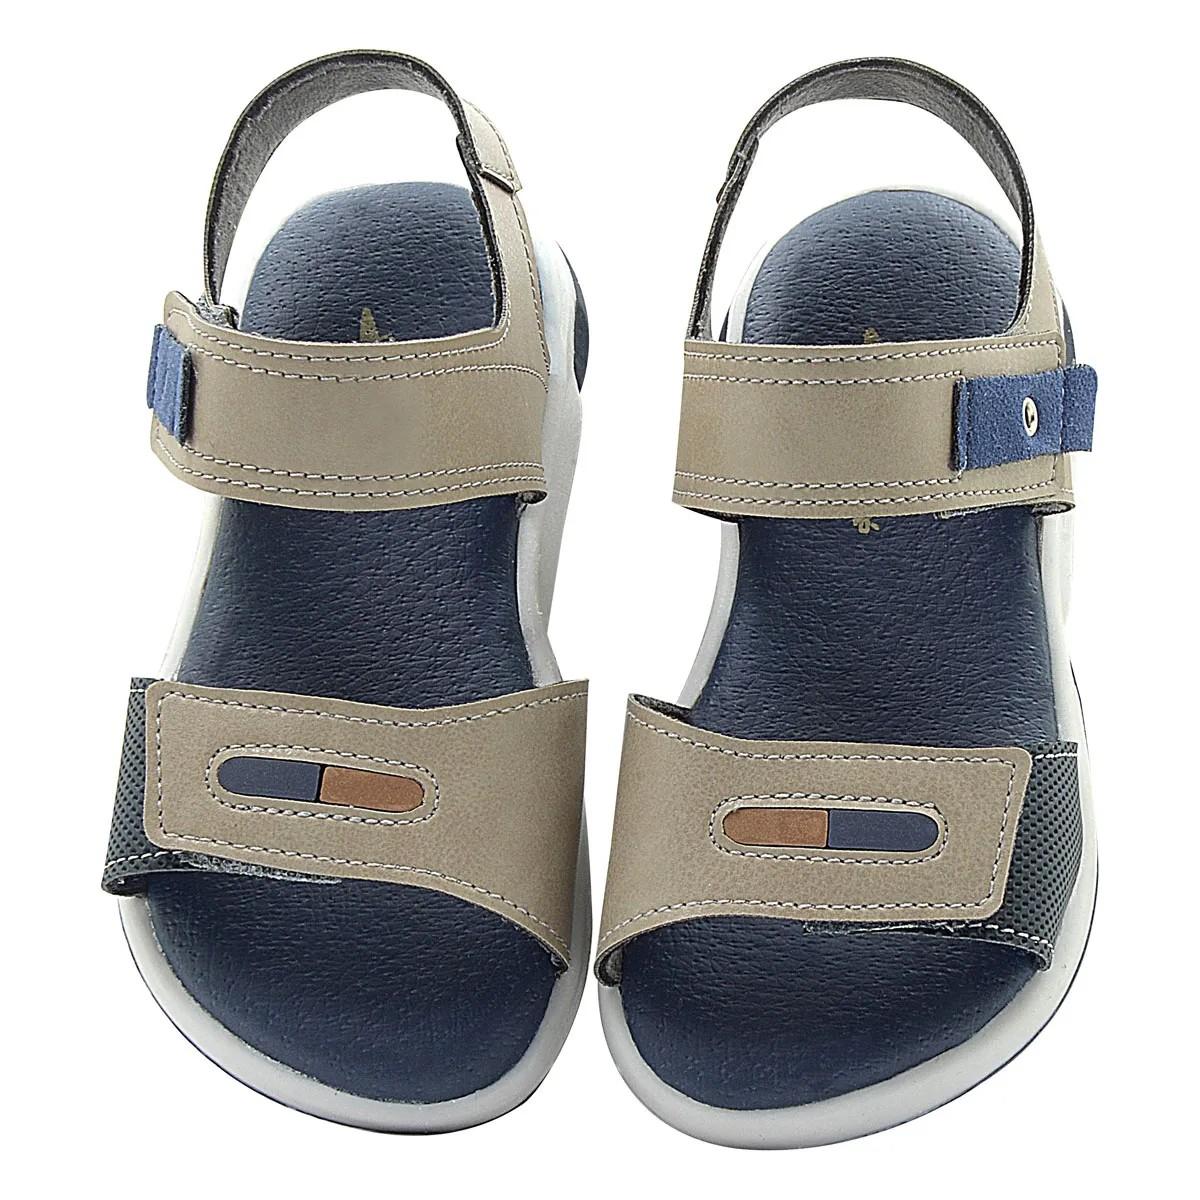 Papete Infantil Pé com Pé Bege Calce Fácil Velcro Menino